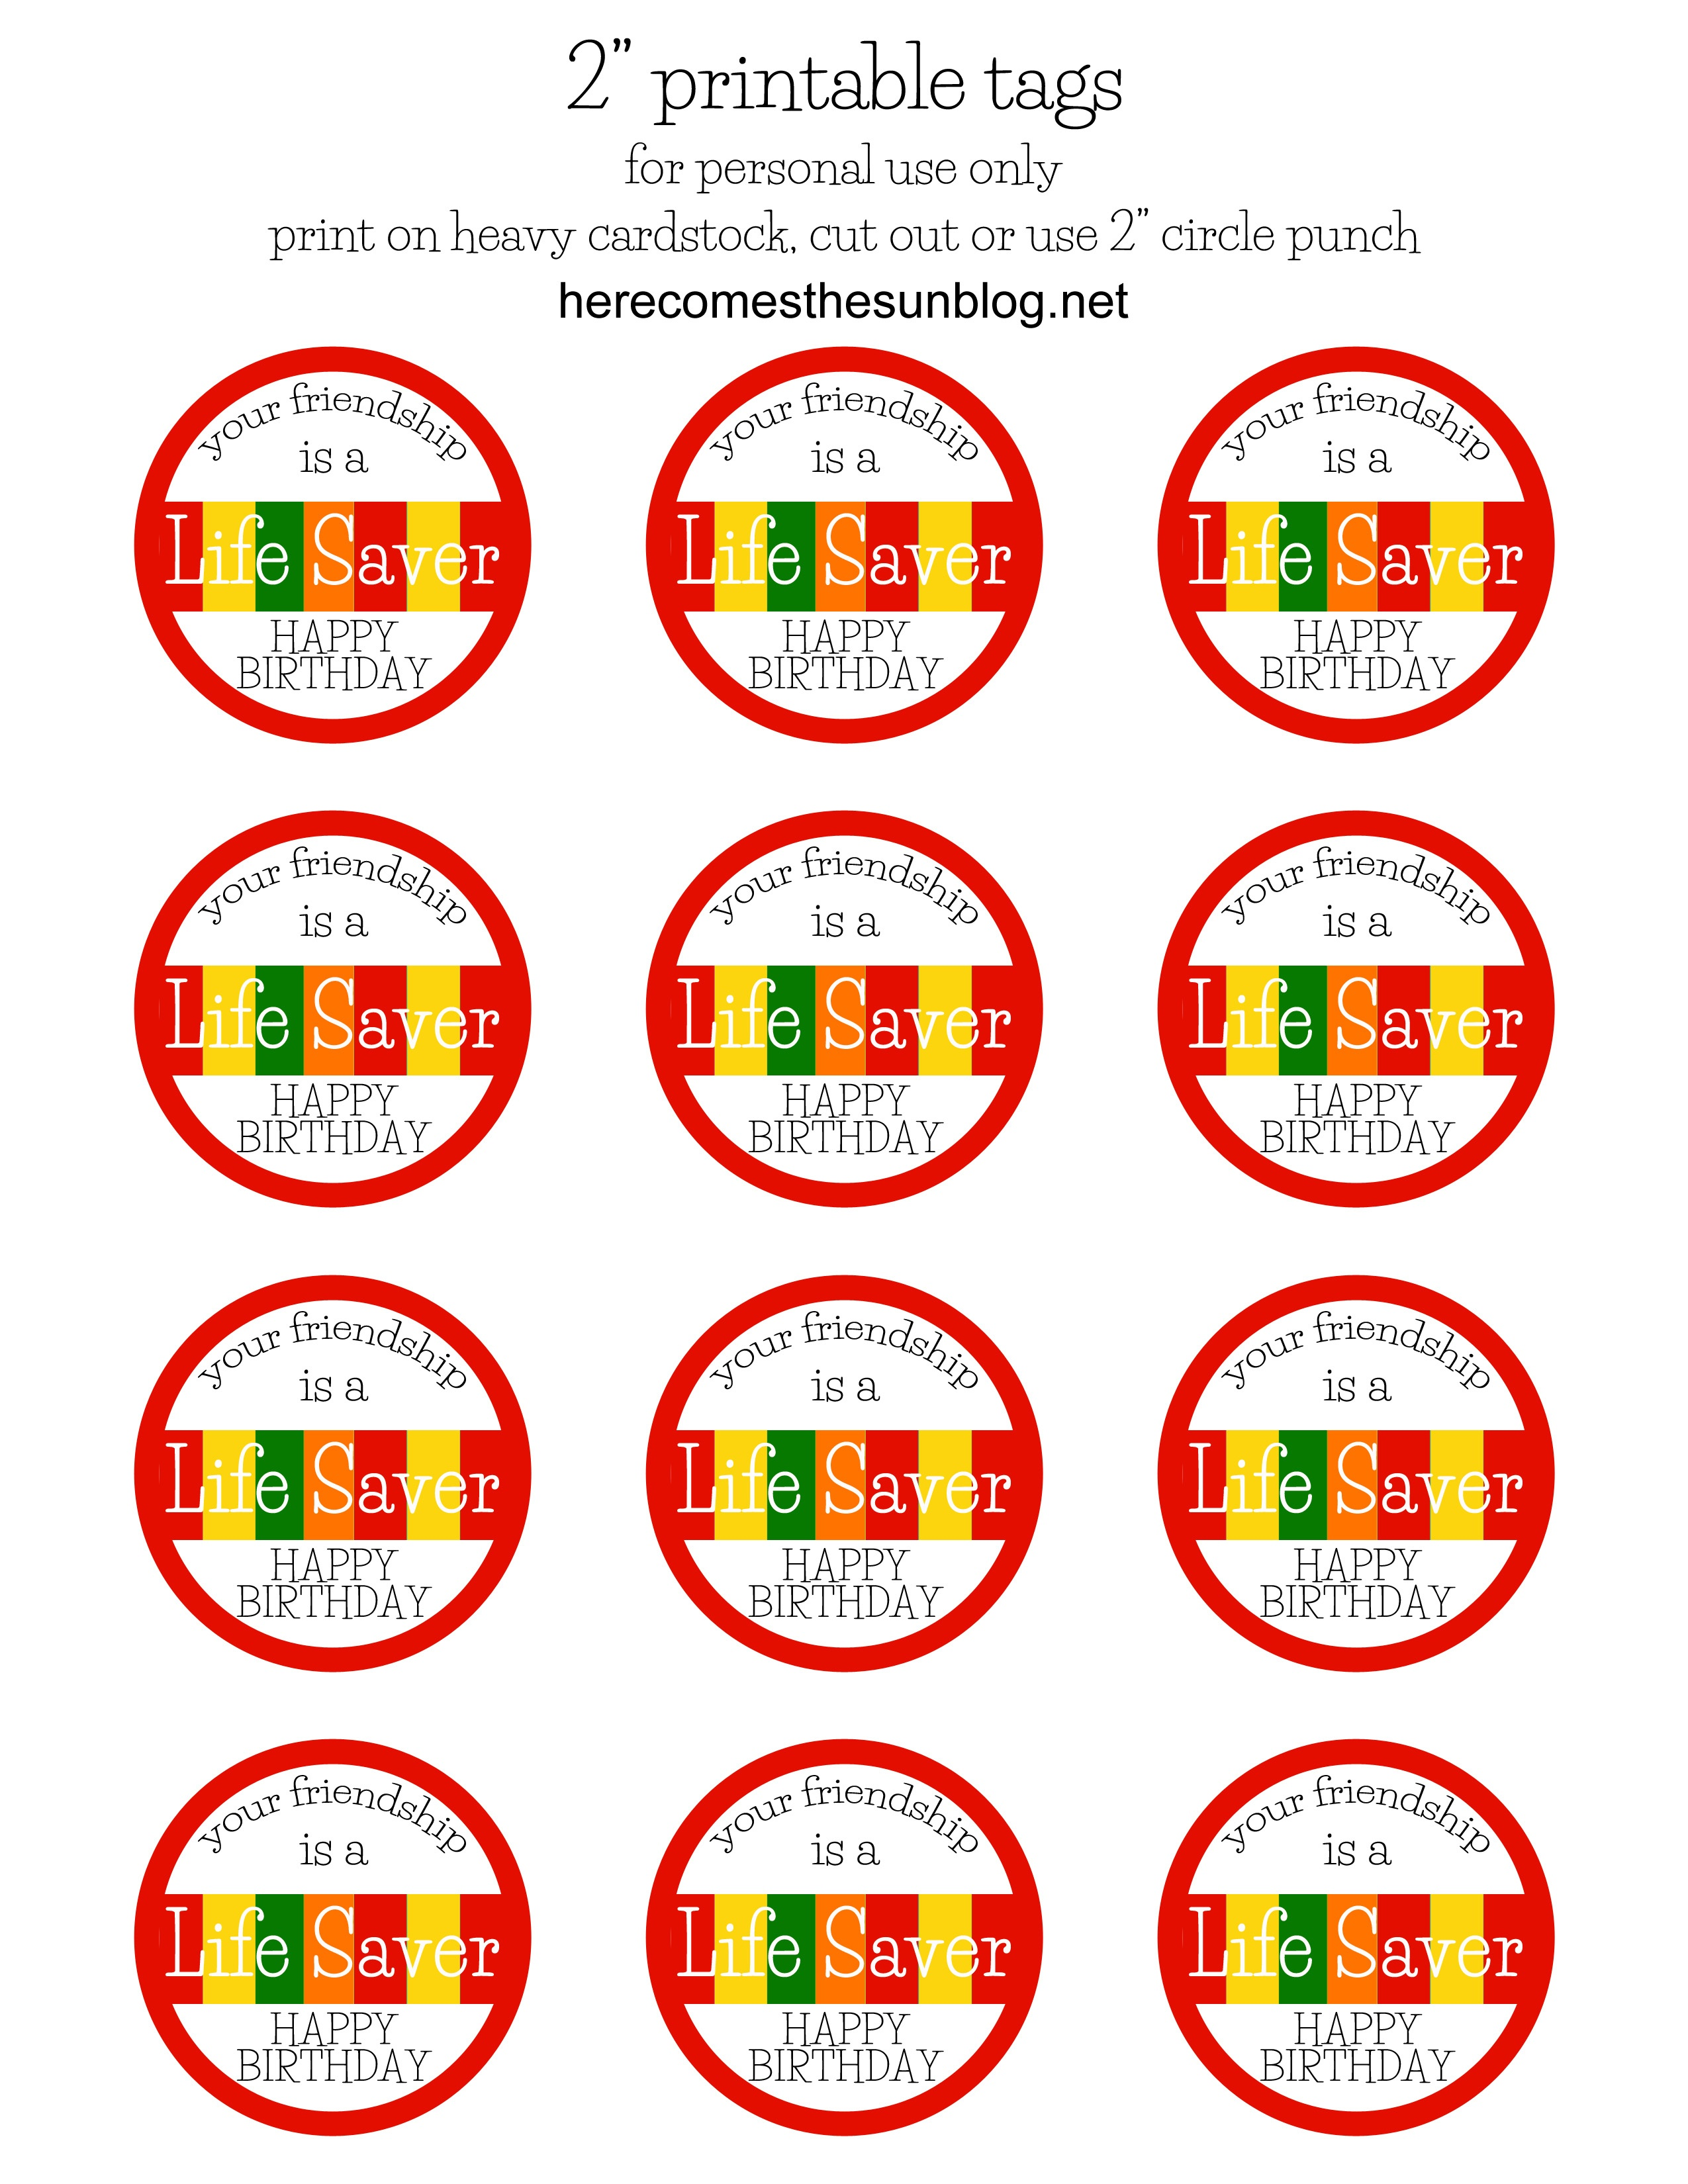 Free Printable Lifesaver Tags Printable Lifesaver Tags - All Free - Free Printable Lifesaver Tags